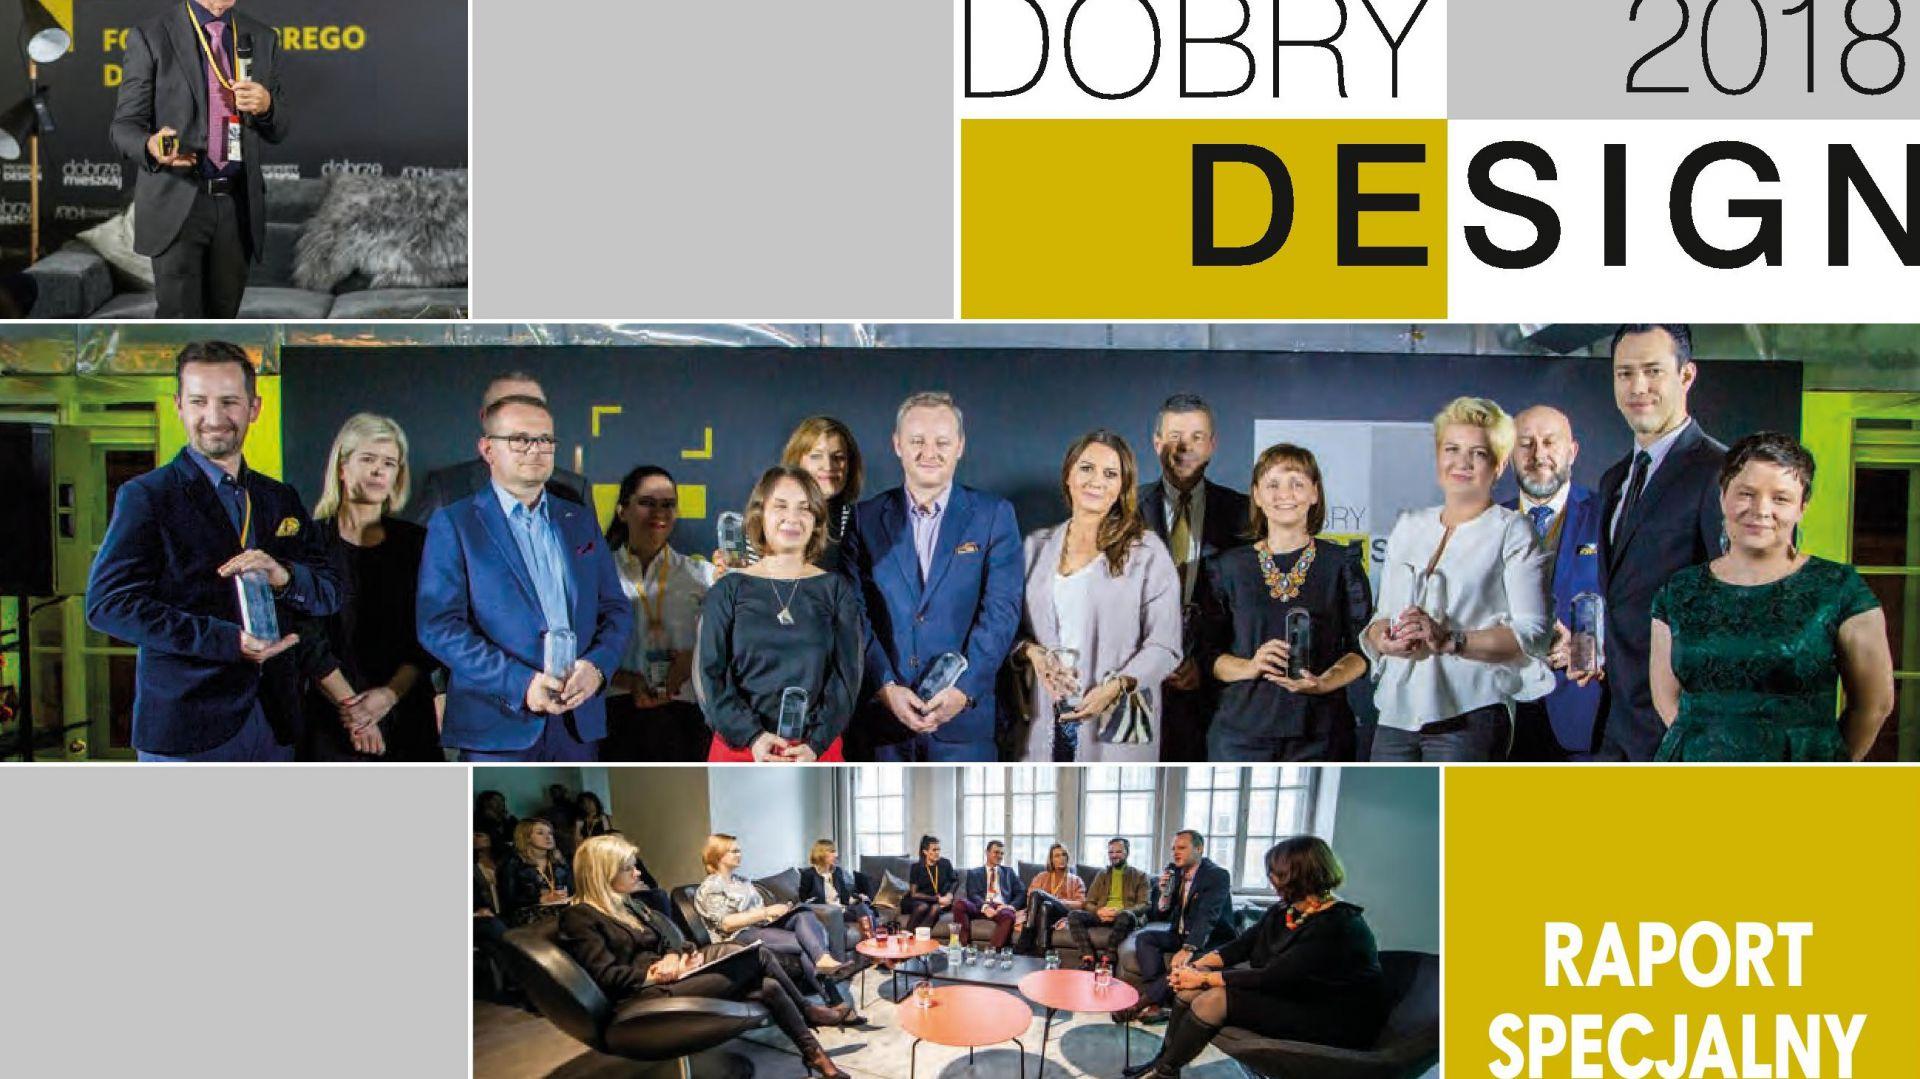 Dobry Design 2018 i Forum Dobrego Designu 2017 - raport specjalny.compressed-page-001.jpg